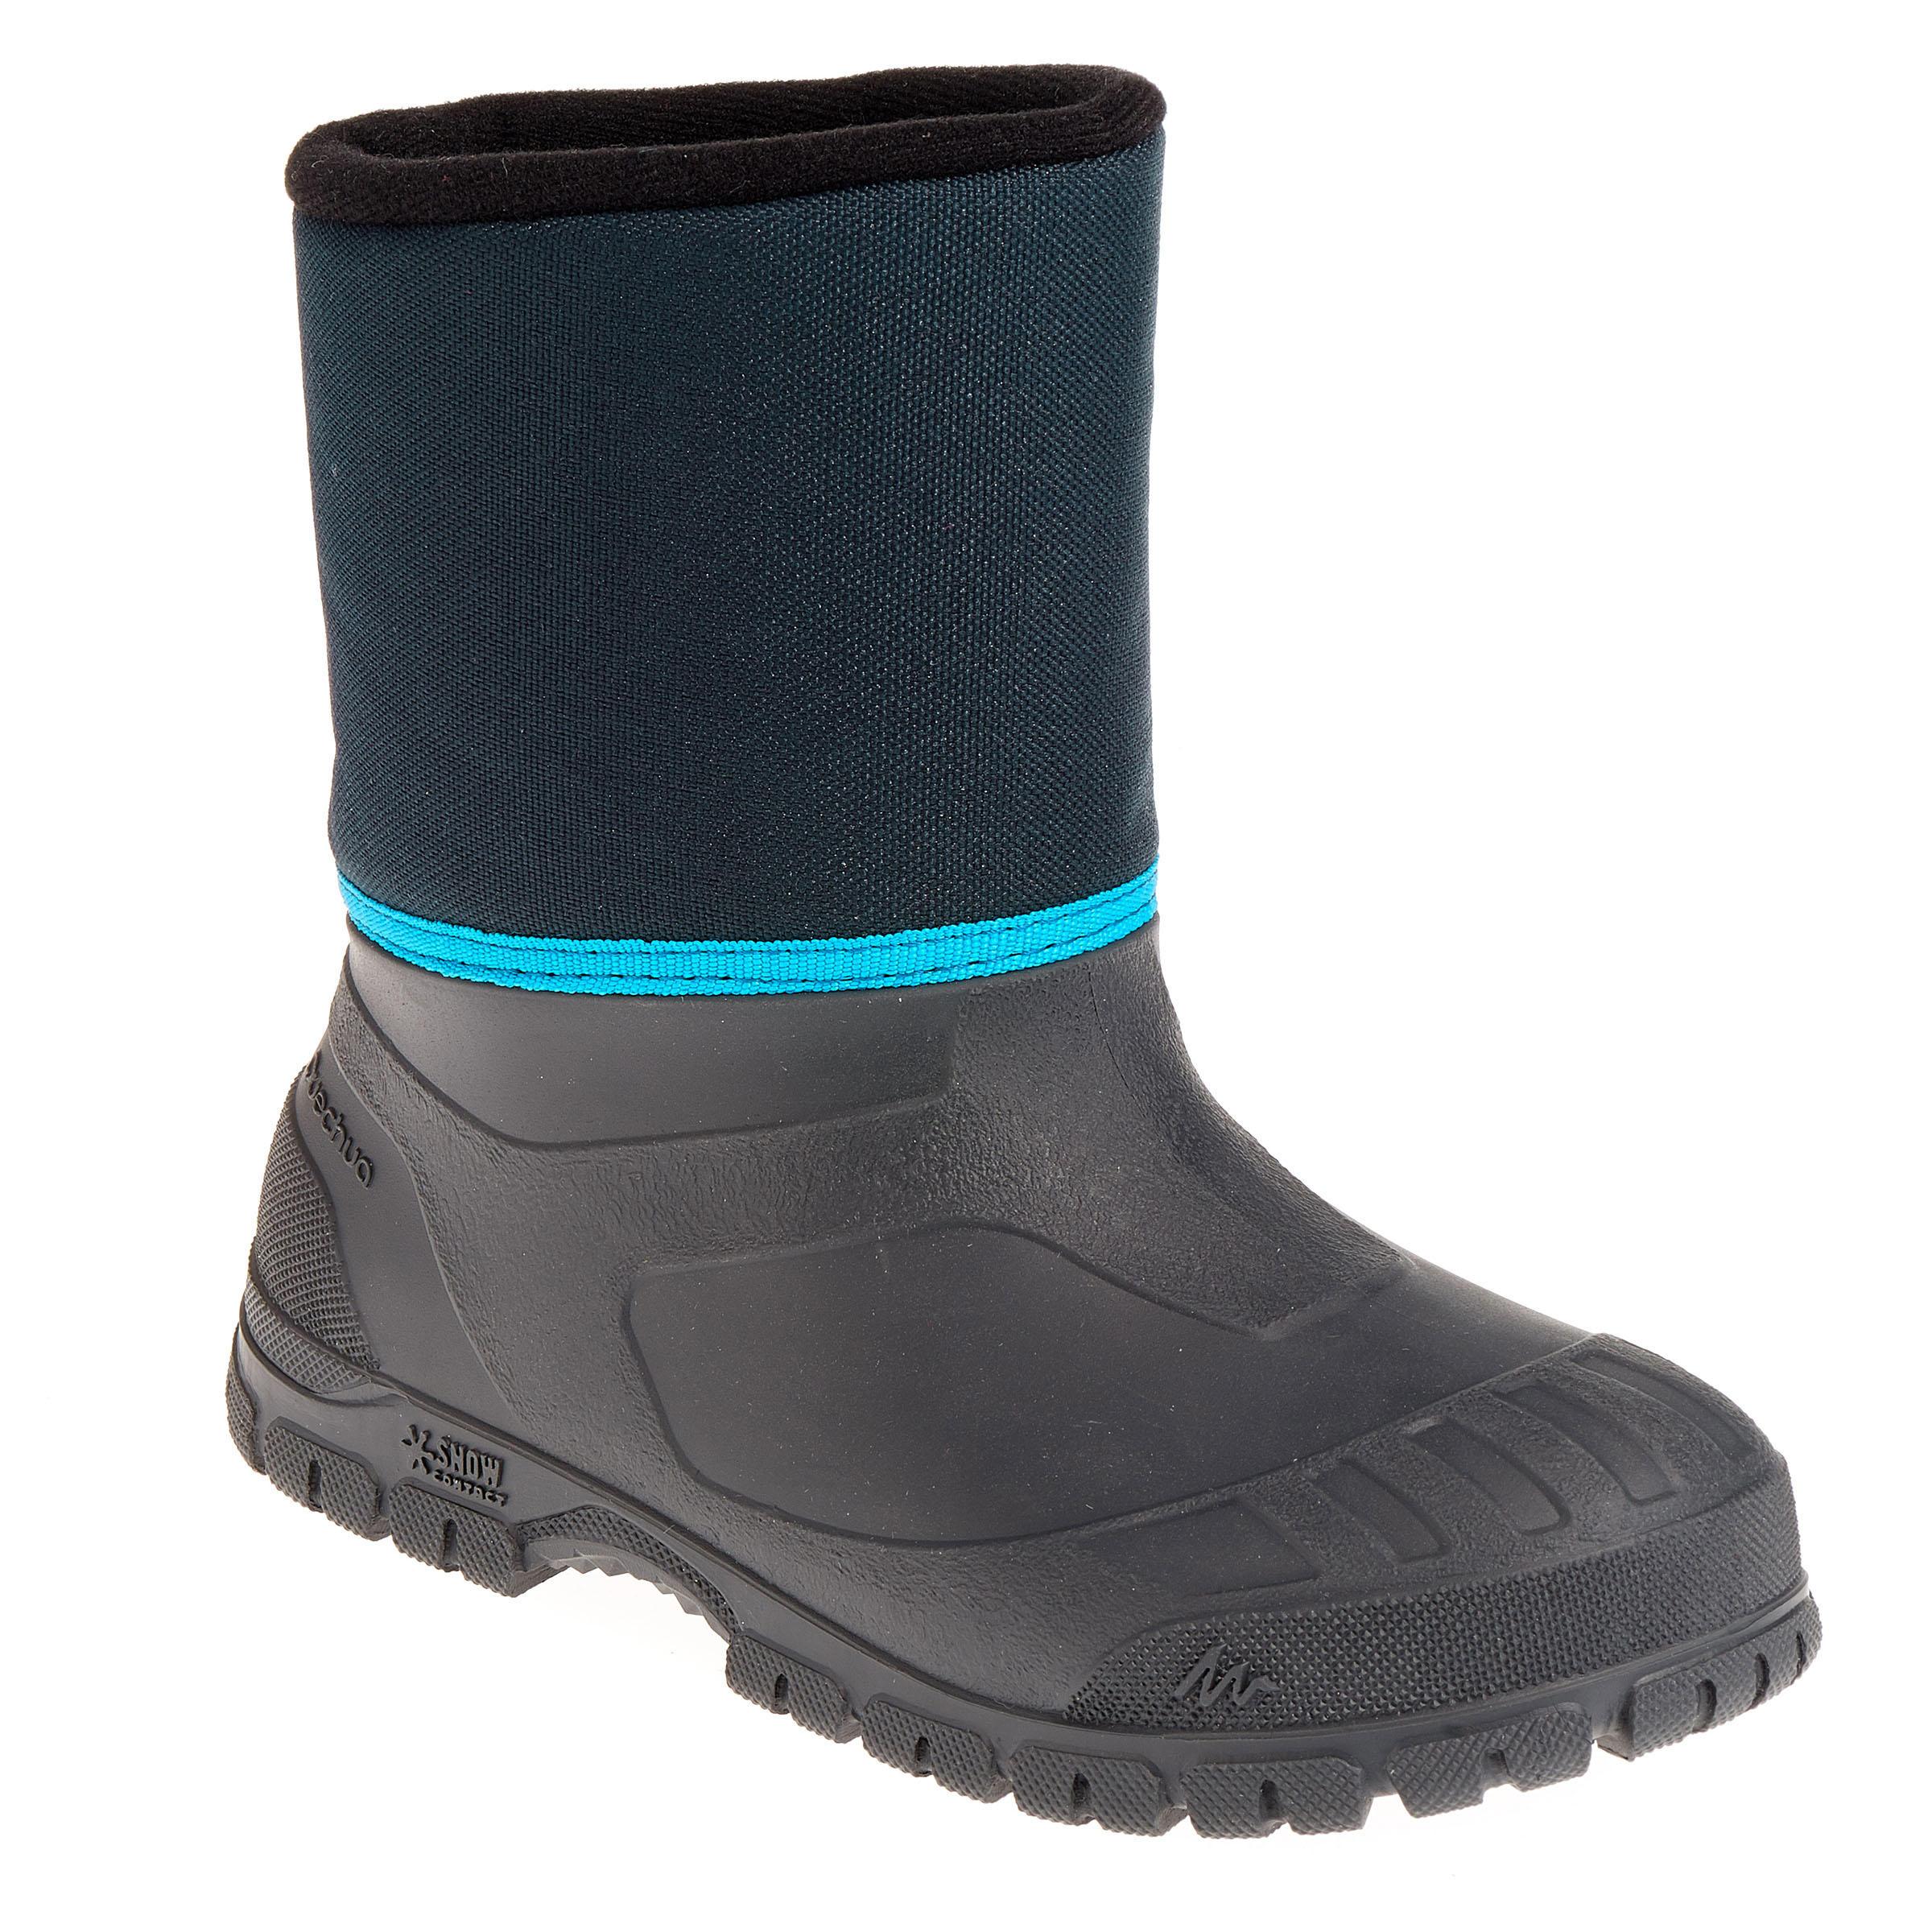 Bottes de randonnée neige junior SH100 chaudes bleu